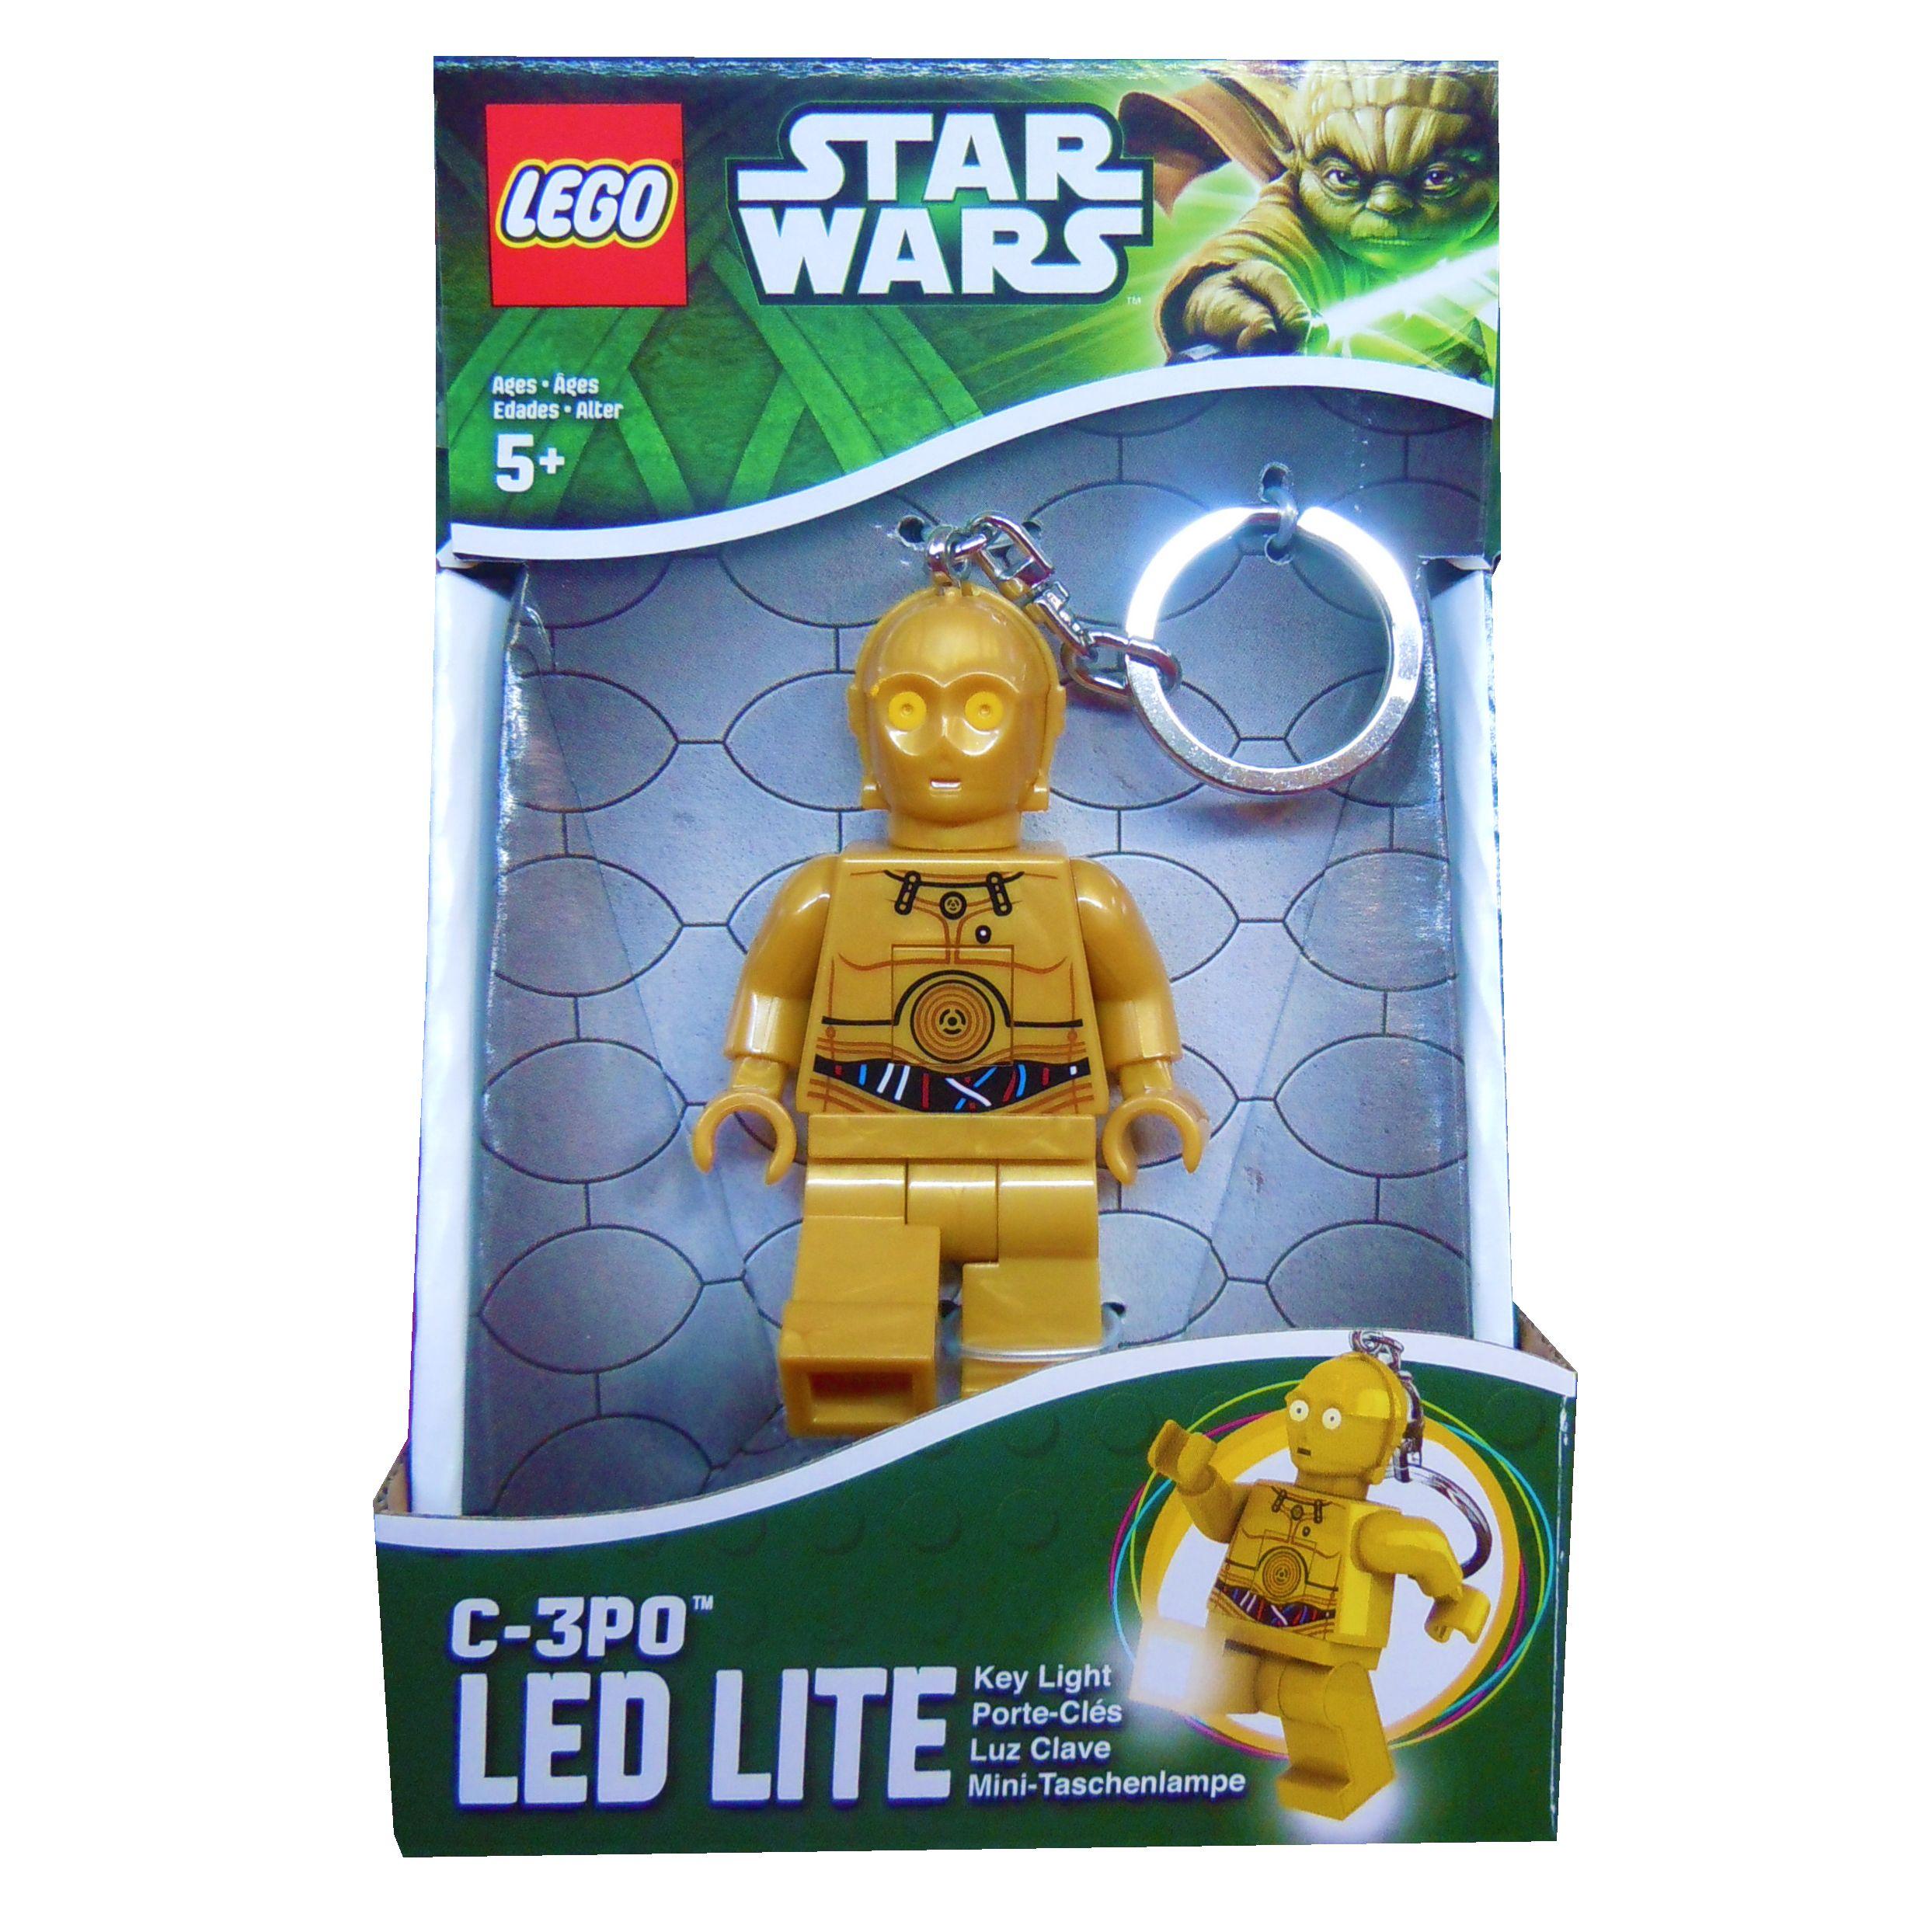 Lego Star Wars C3PO  Portachiavi con Luci